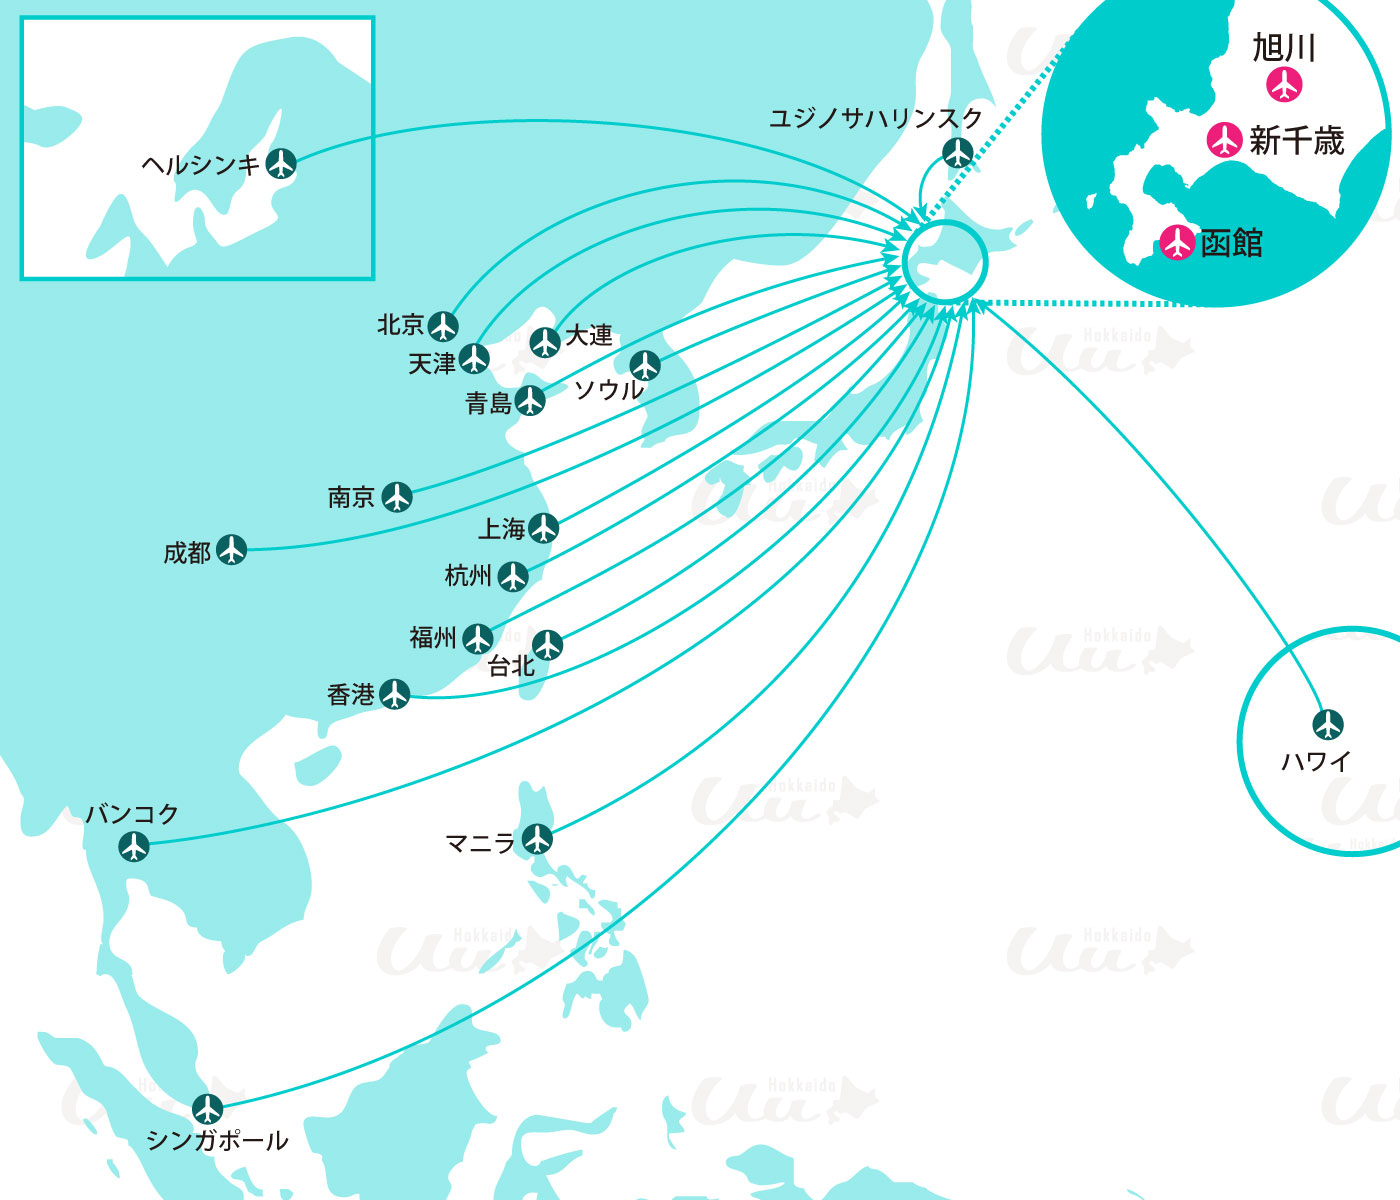 航空路線図(アジア~北海道)